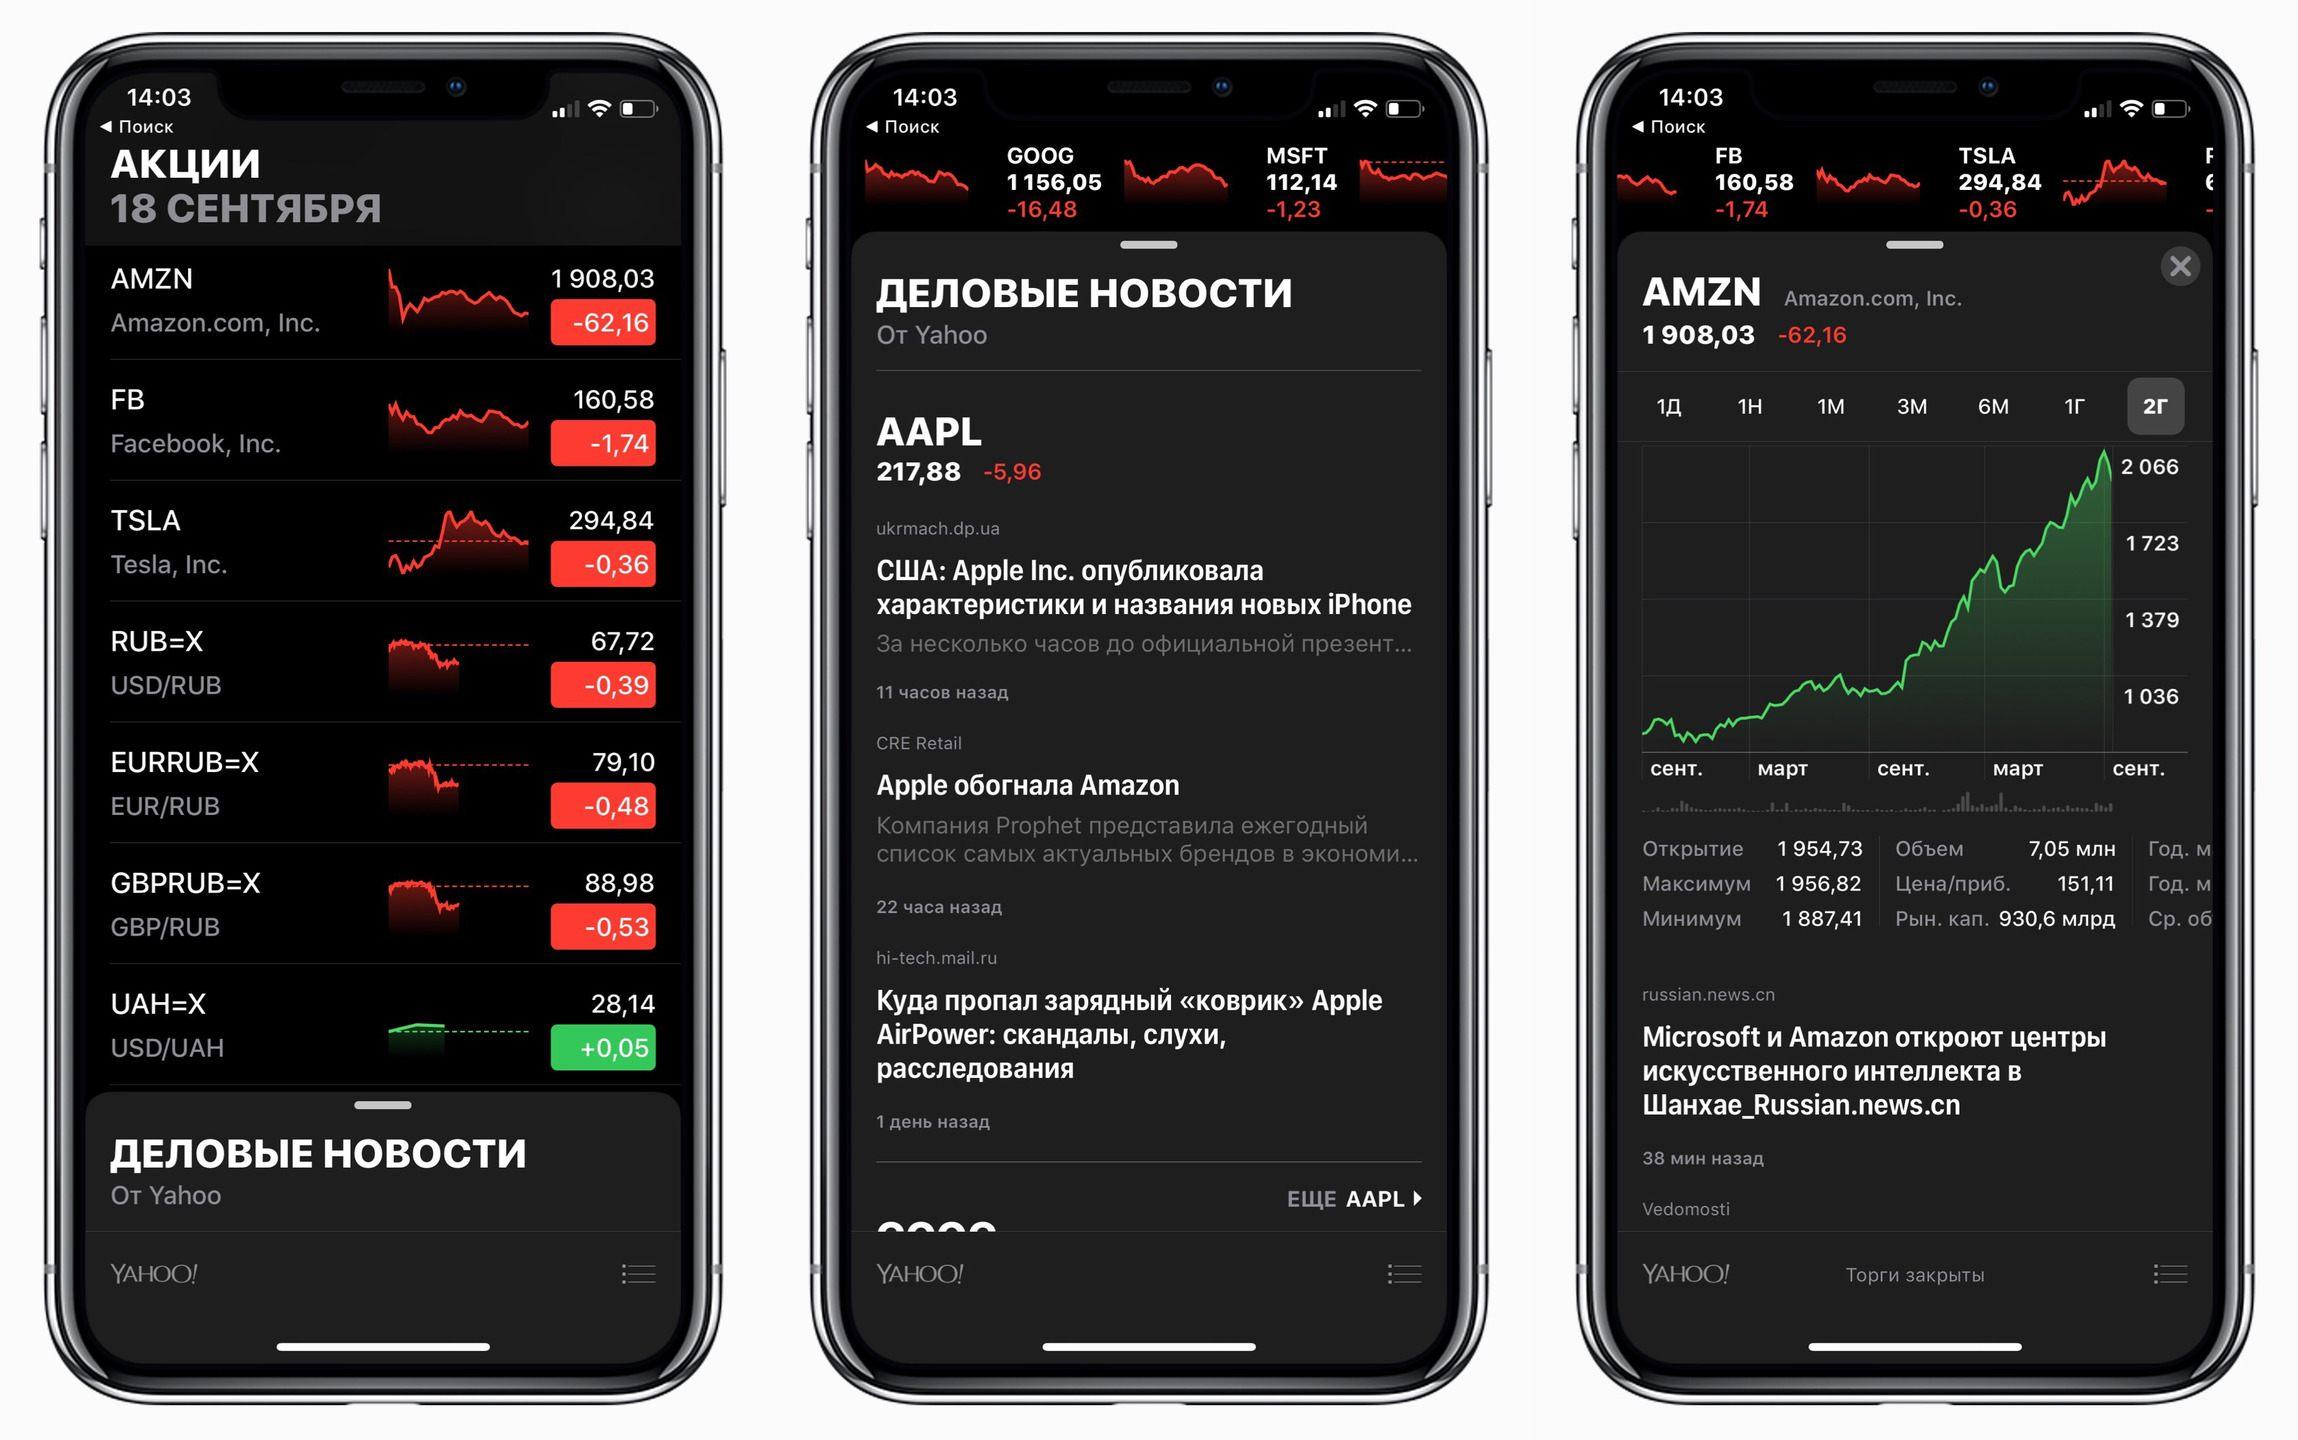 Акции в iOS 12